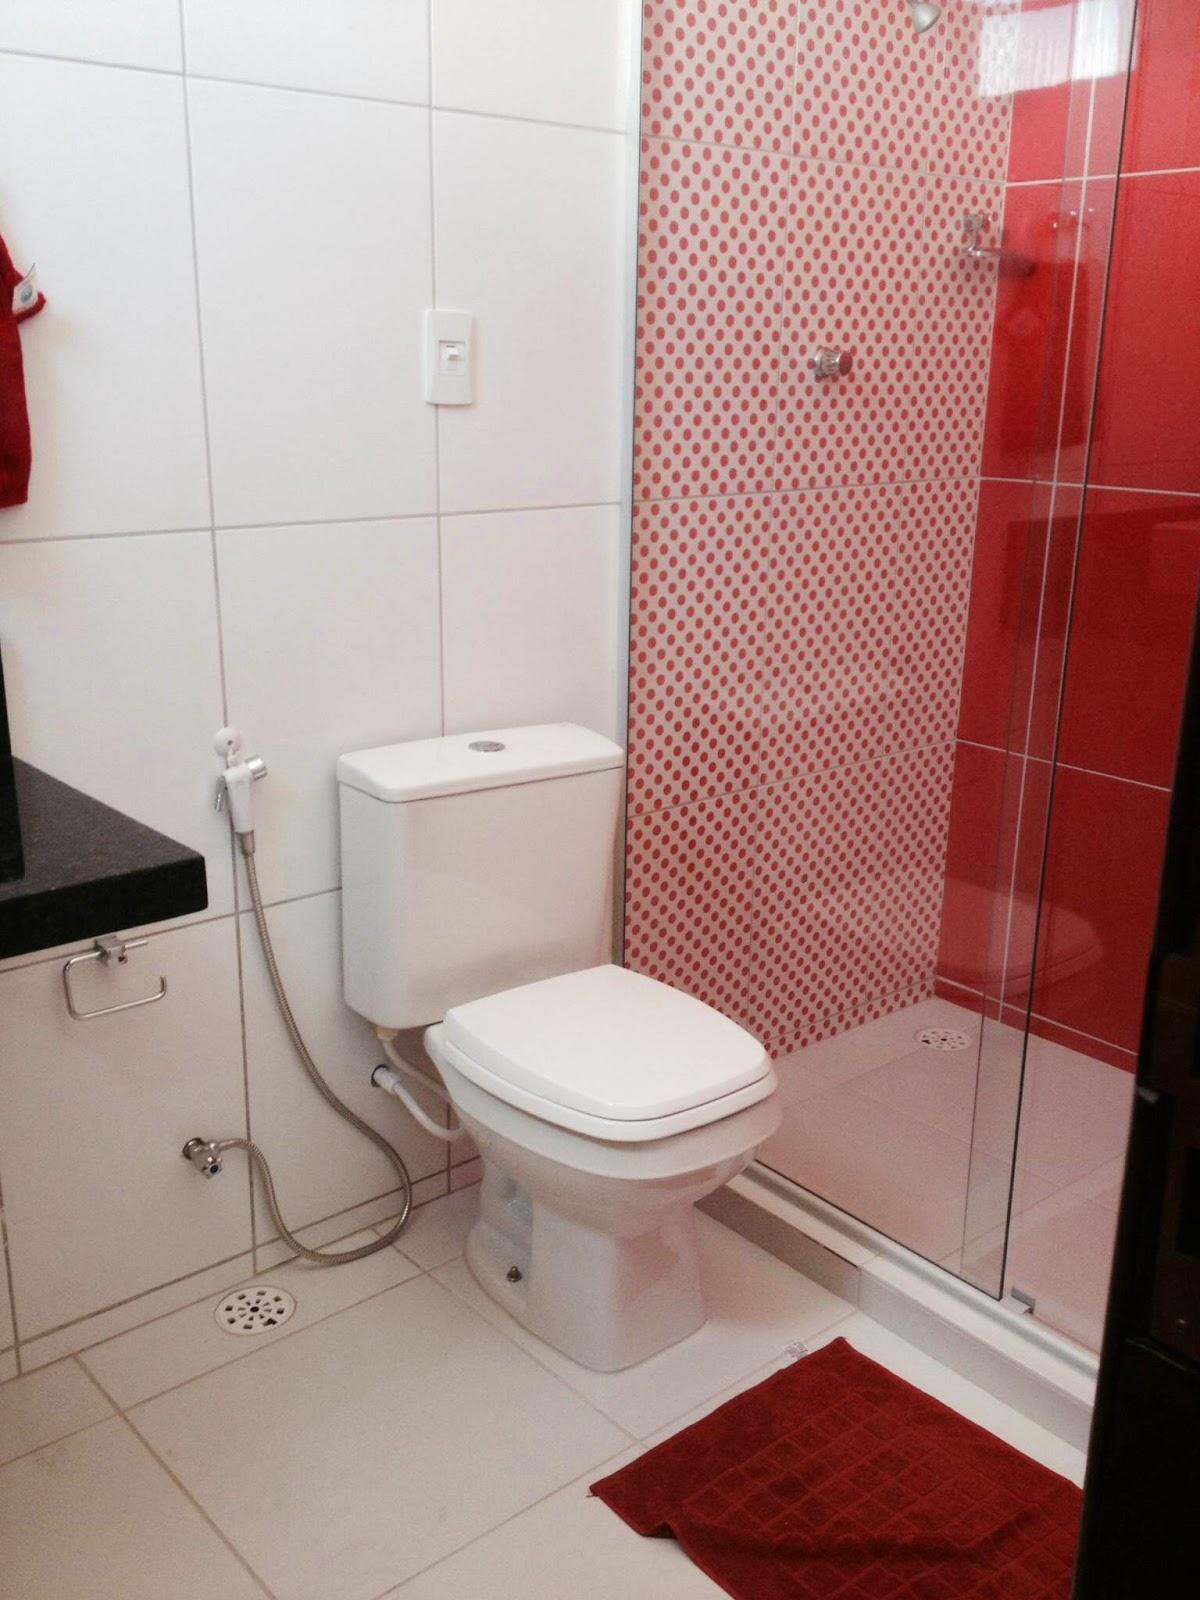 Nossa casa.com: BANHEIROS (VERMELHO E AZUL) COM REVESTIMENTO ROMERO  #7B2421 1200x1600 Banheiro Com Granito Vermelho